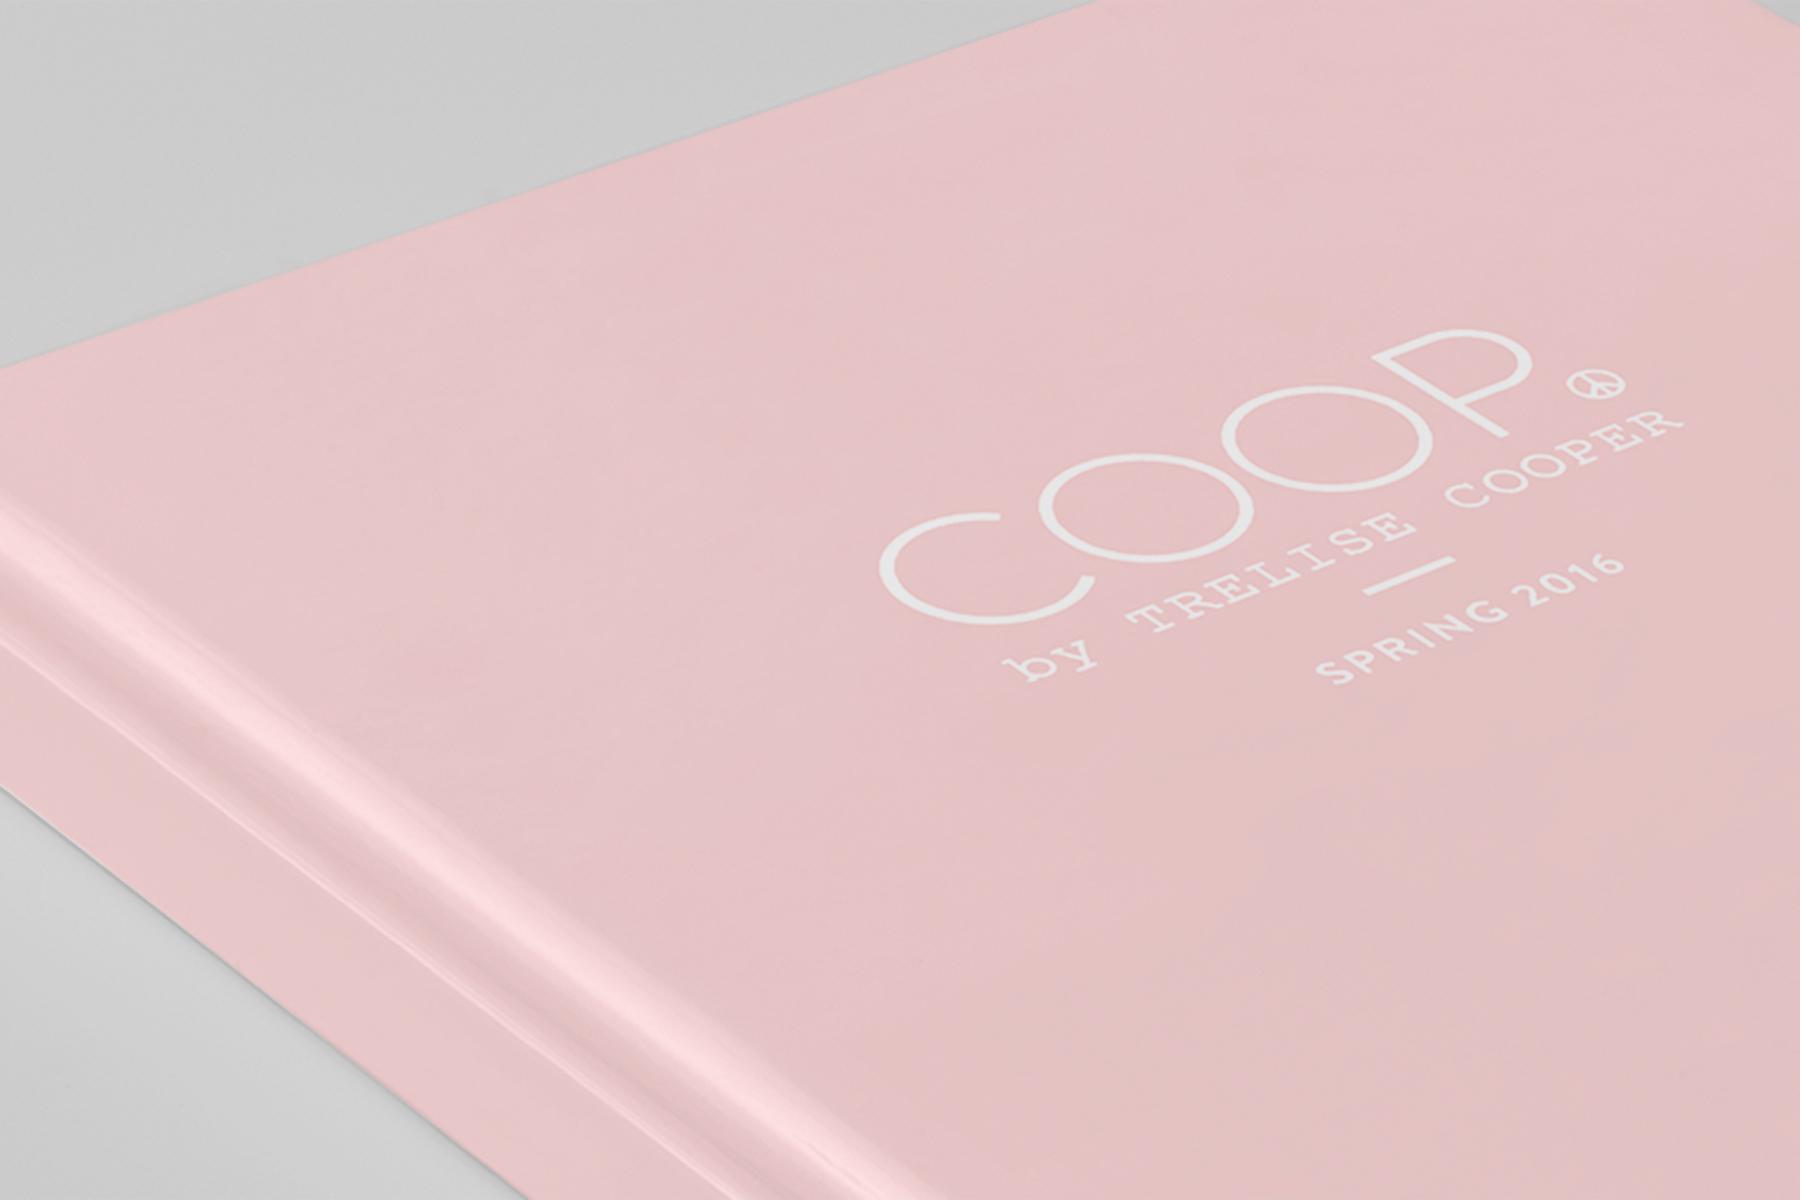 2_book-1.jpg